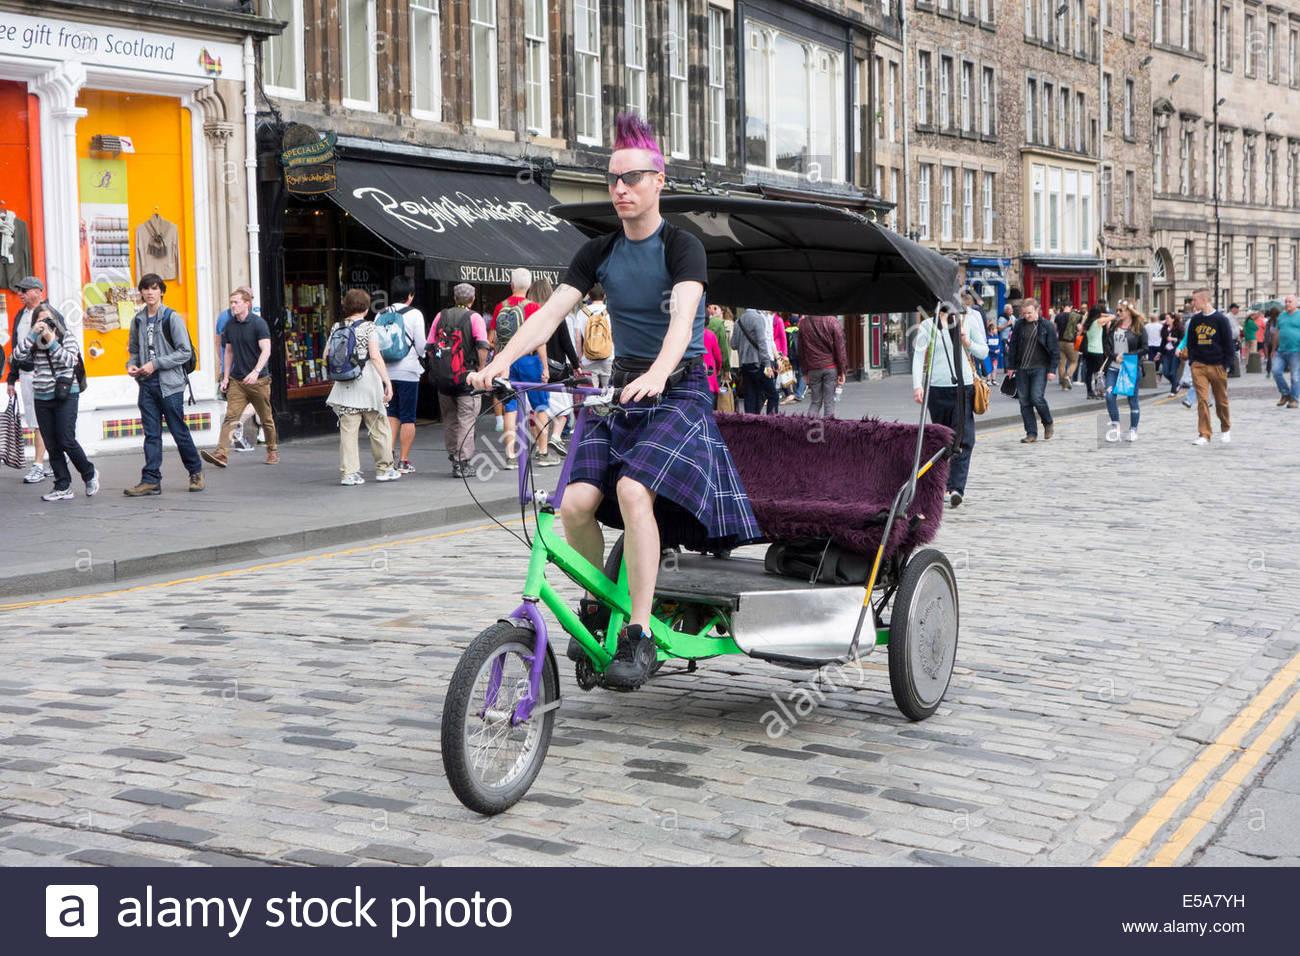 Rikscha-Betreiber einen Tartan Kilt tragen, beim Radfahren auf der Royal Mile in Edinburgh, Schottland. Stockbild